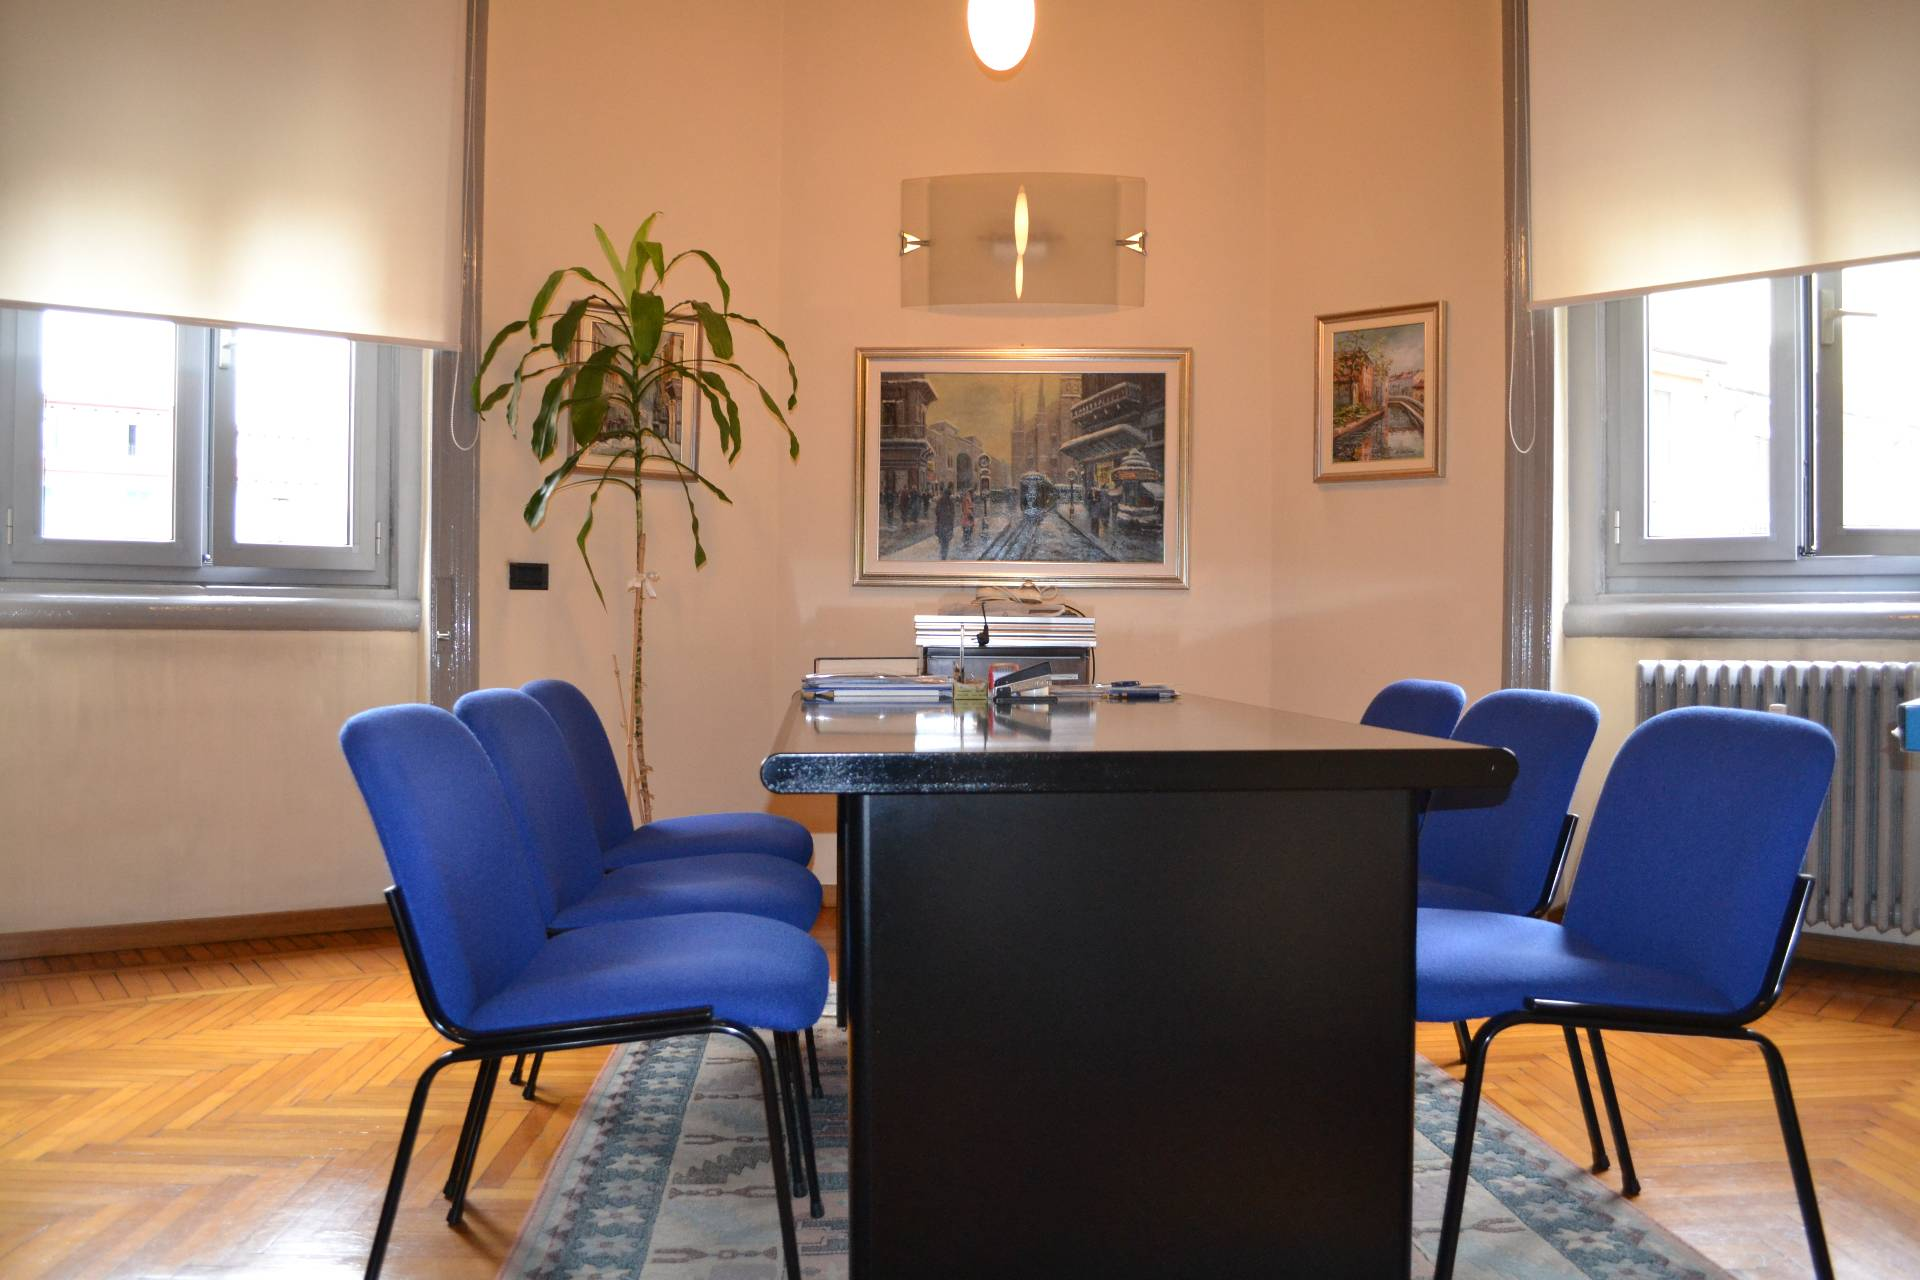 Appartamento in vendita a Milano, 4 locali, zona Località: Accursio, prezzo € 210.000 | CambioCasa.it